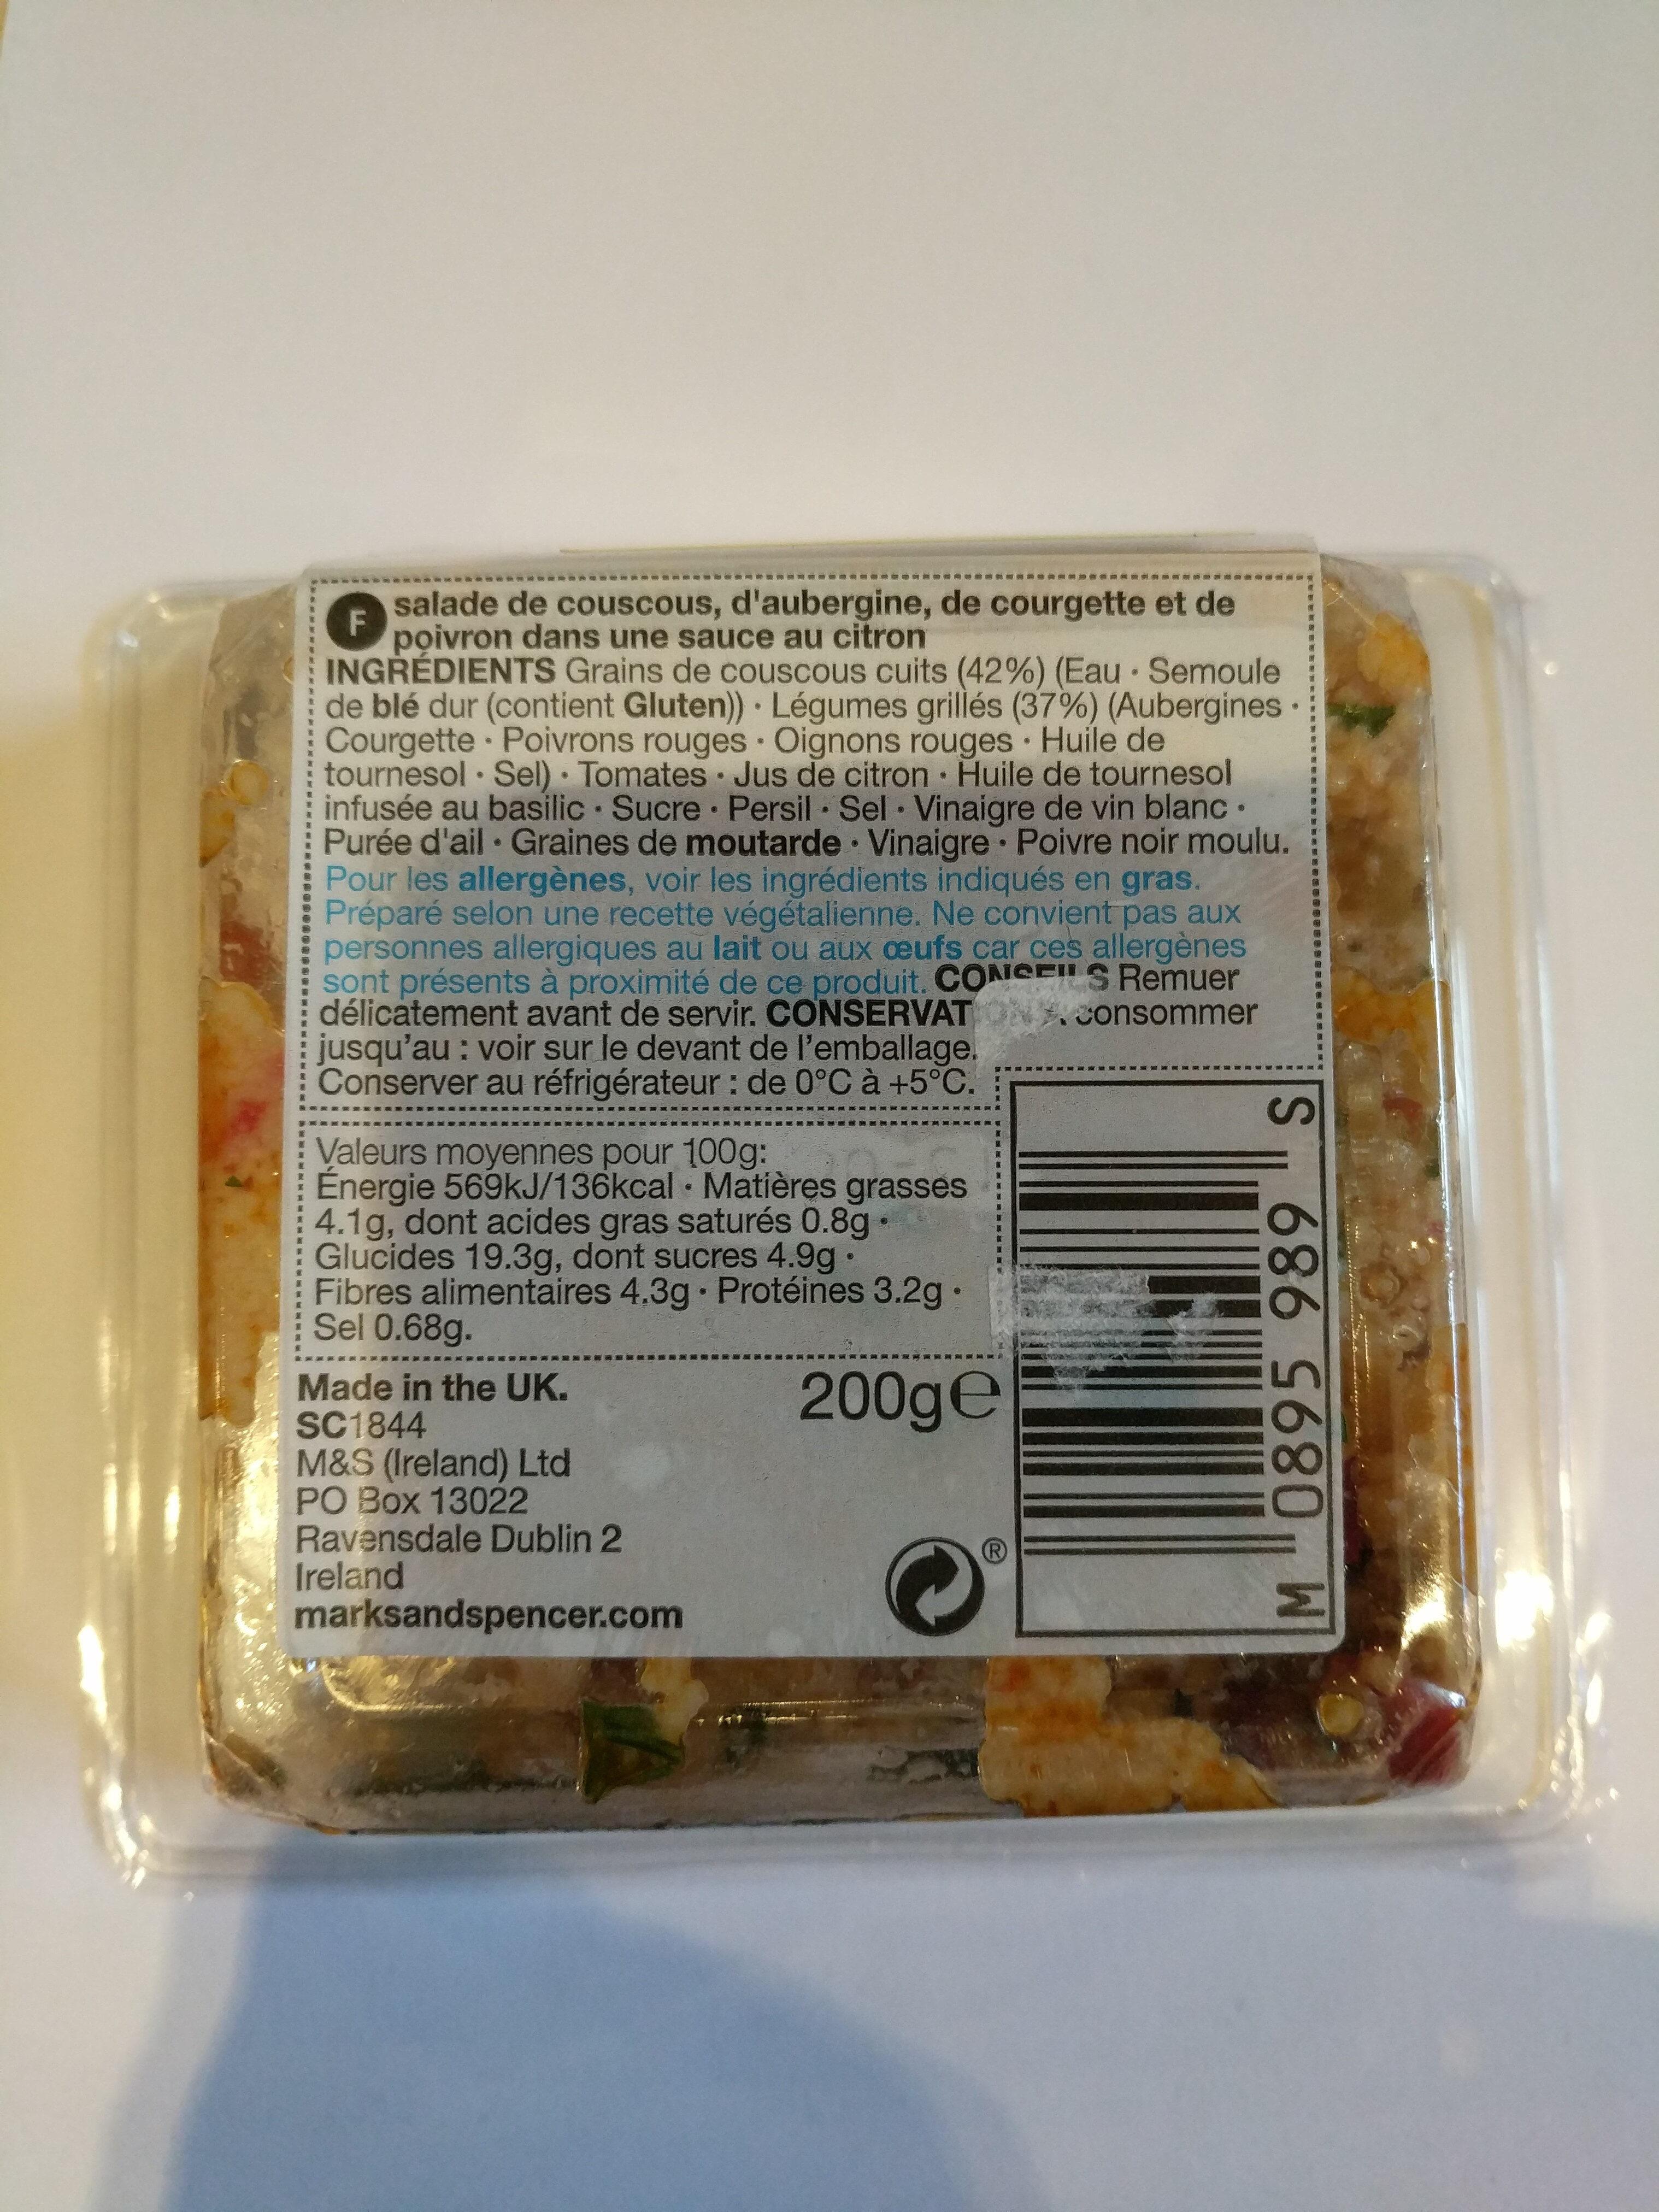 Salade Couscous Et Legumes Grilles - Ingrédients